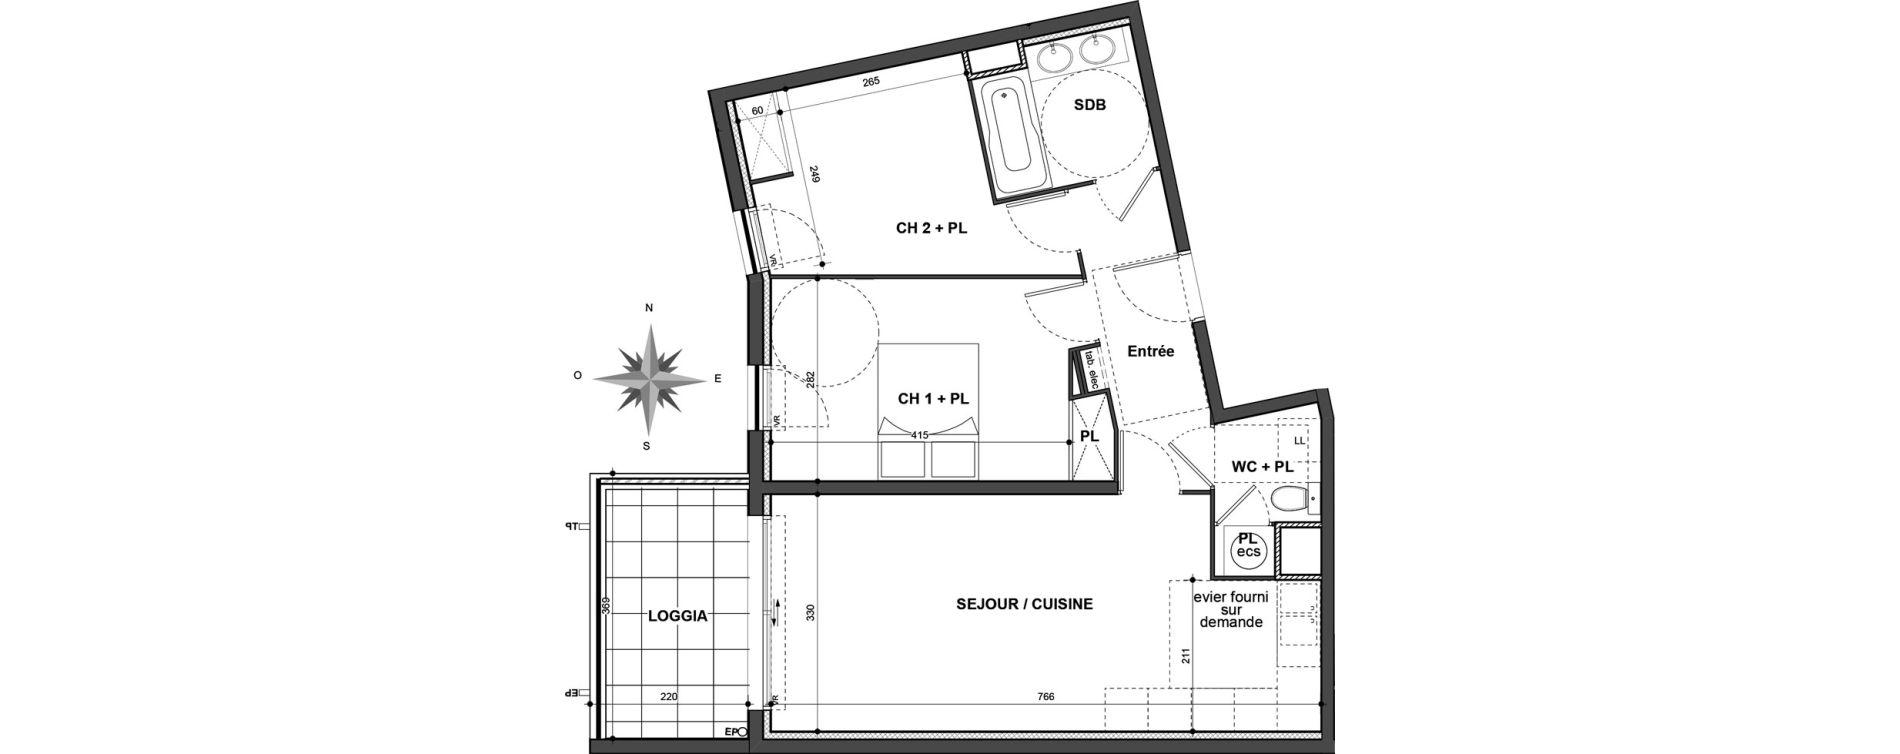 Appartement T3 de 59,63 m2 à Nîmes Jean jaurès